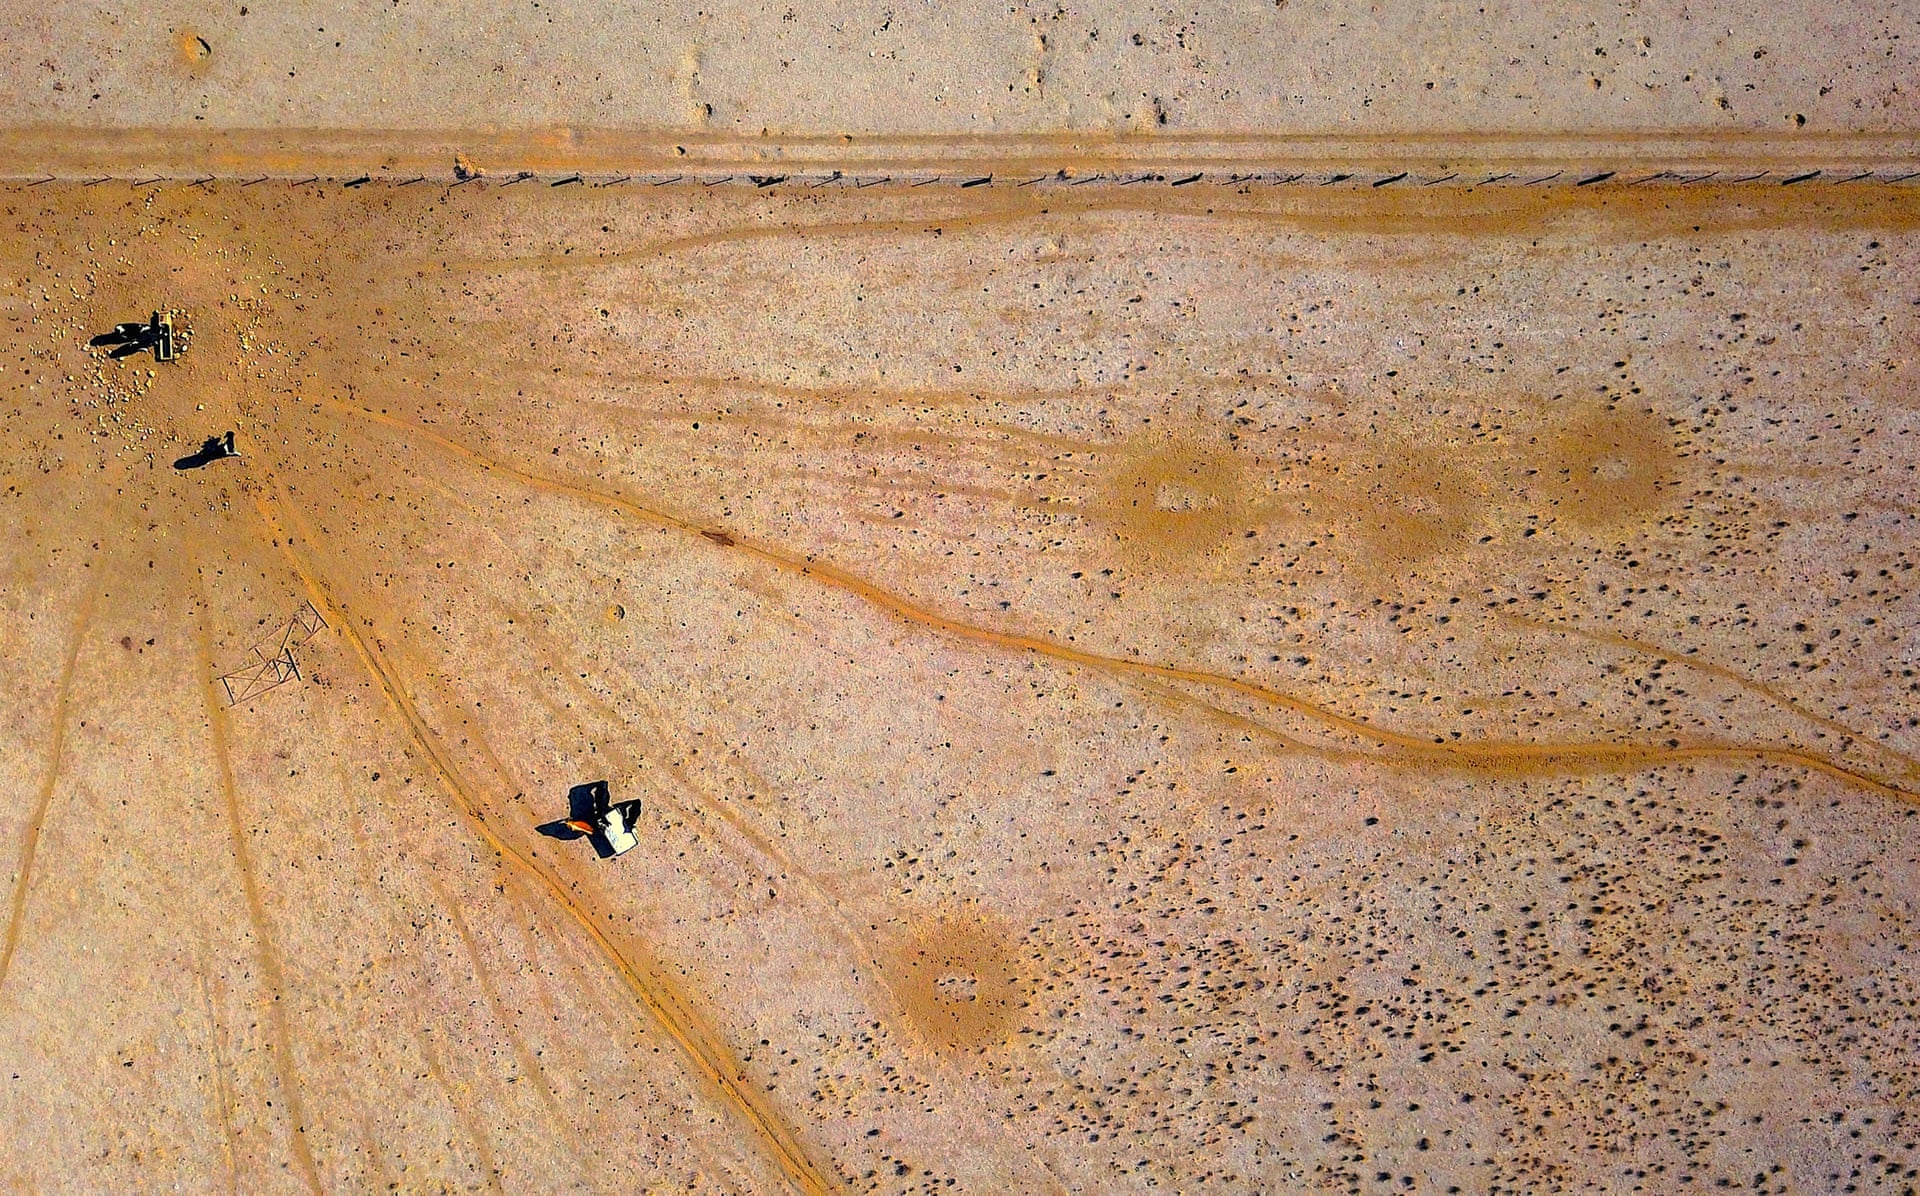 Фото дня: засуха в Австралии с высоты птичьего полета Фото дня: засуха в Австралии с высоты птичьего полета 3500 20 1